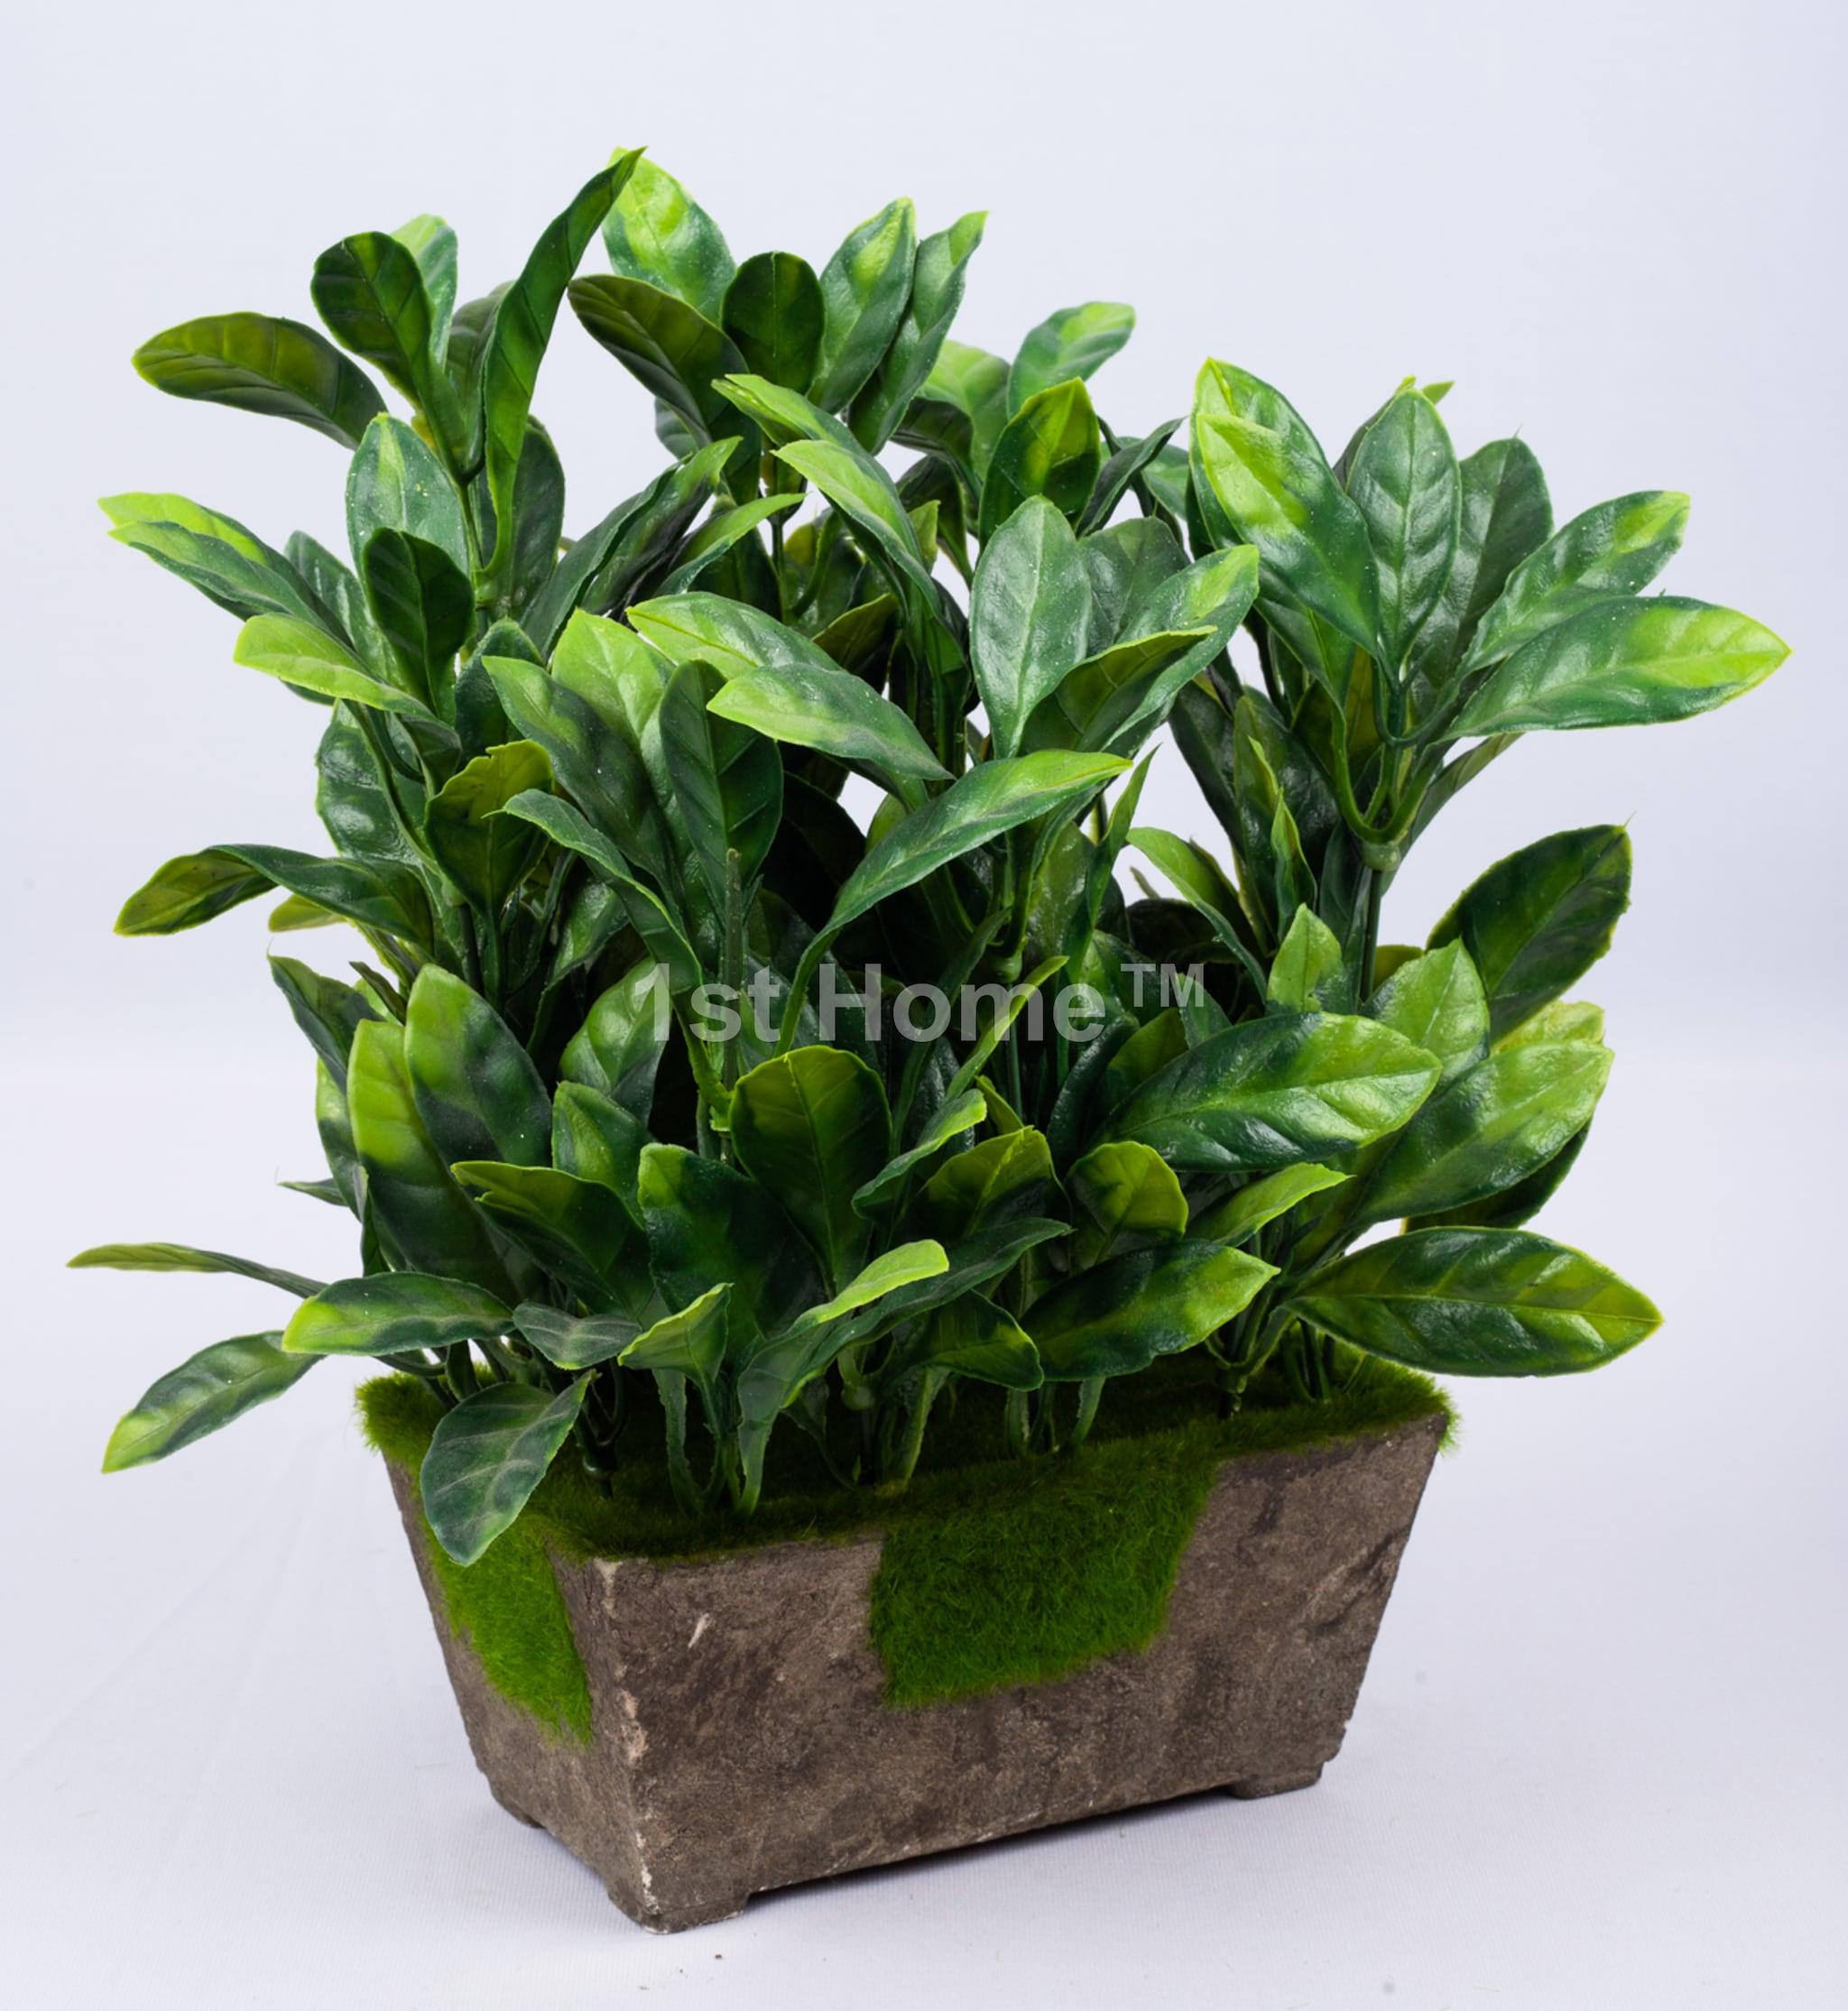 Artificial Green Bush Arrangement K1121